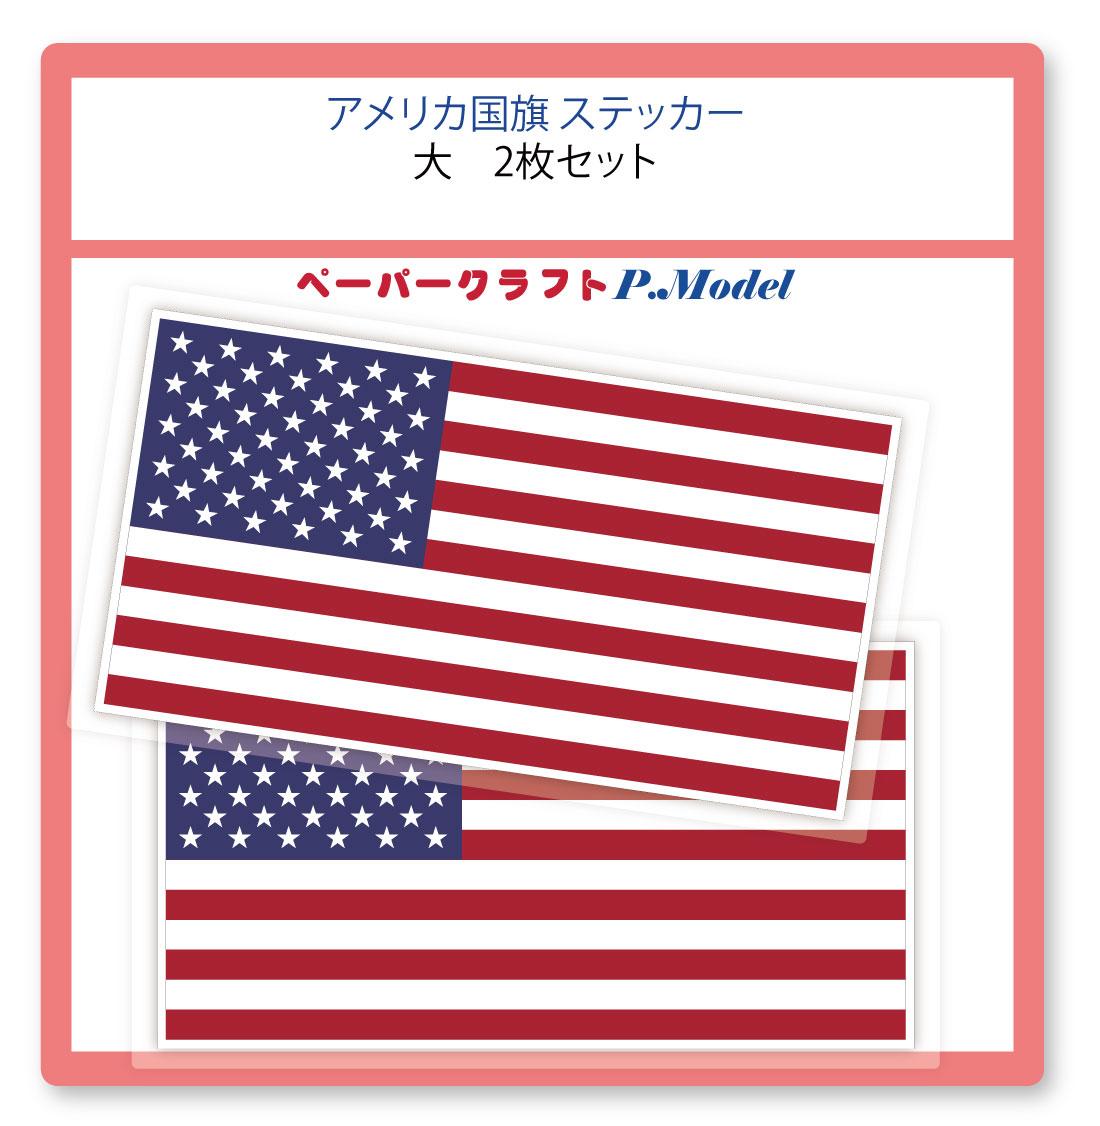 大サイズ 横幅80mm 大 アメリカ国旗 ステッカー 宅送 シール 2枚セット 祝開店大放出セール開催中